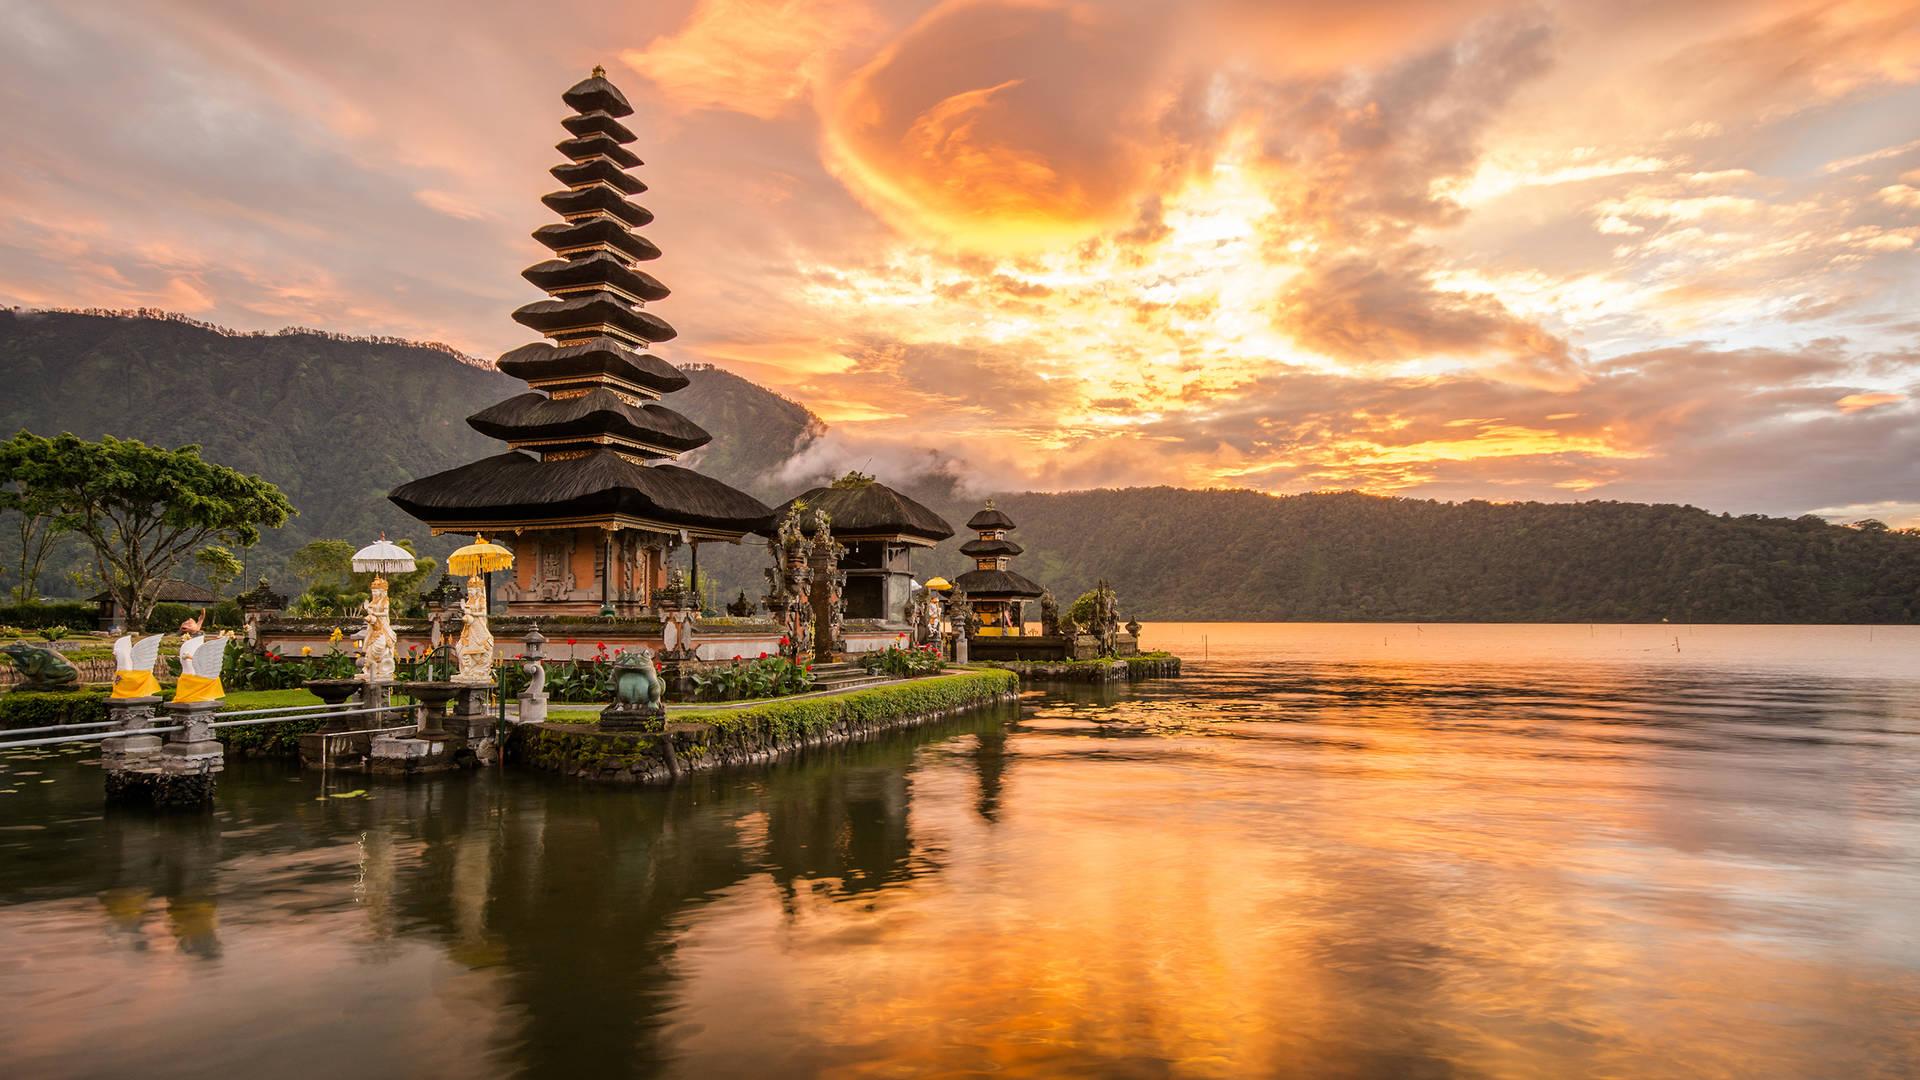 Ulun Danu Bali Temple